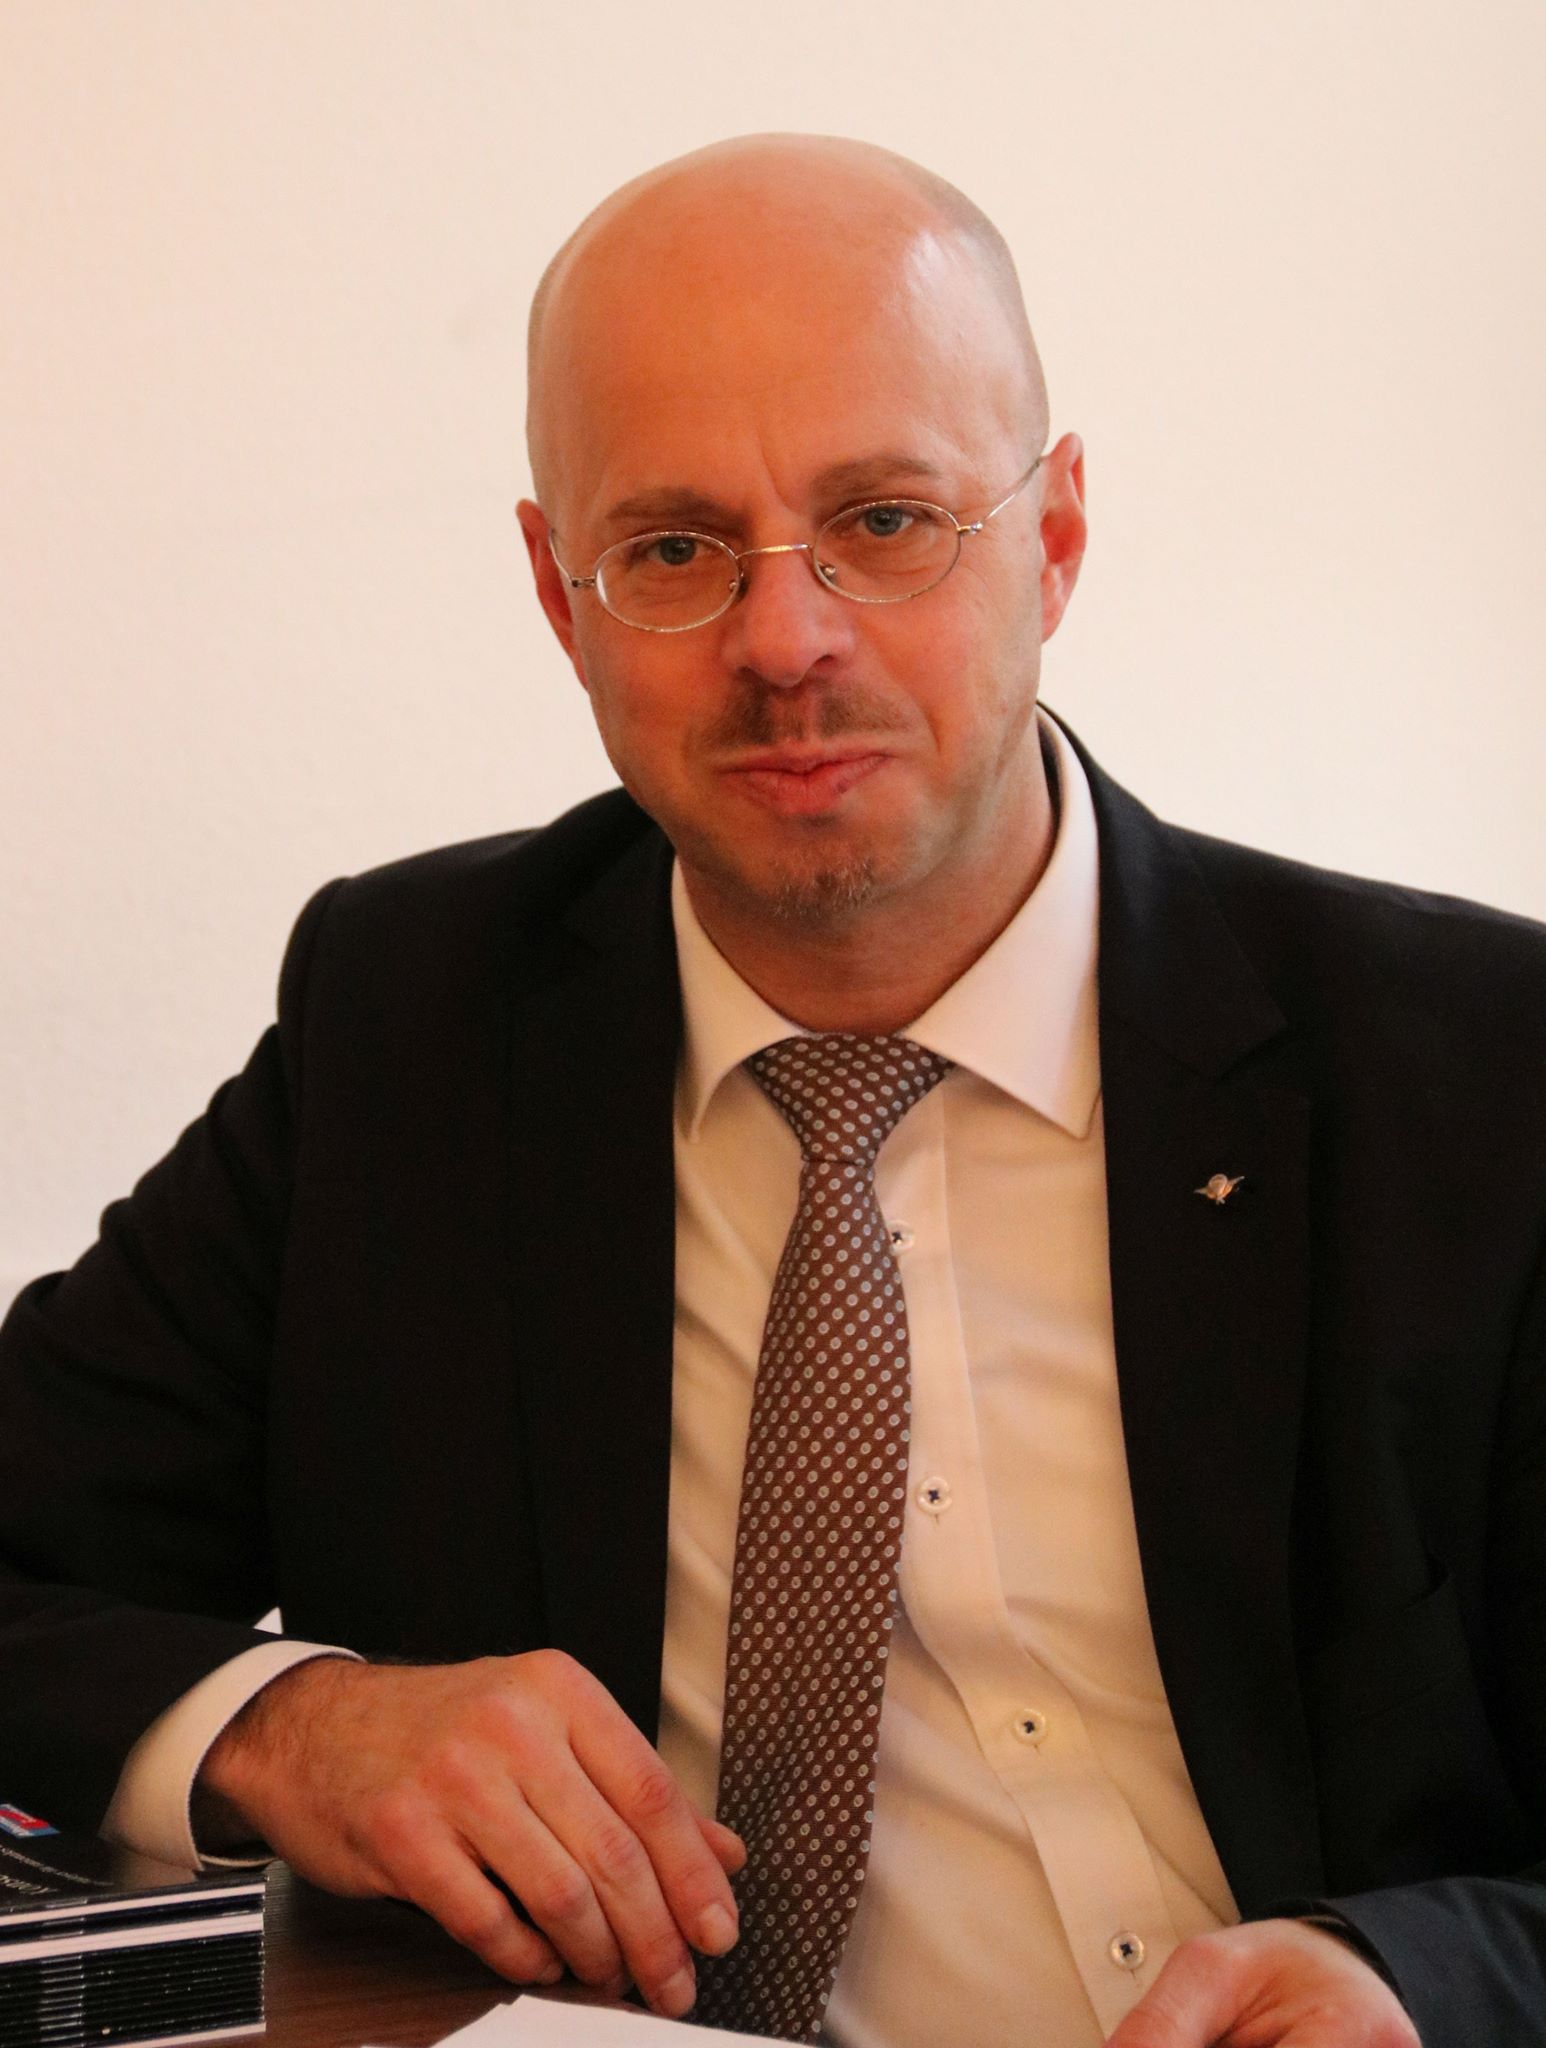 Juristische Gefechtslage in der causa Andreas Kalbitz